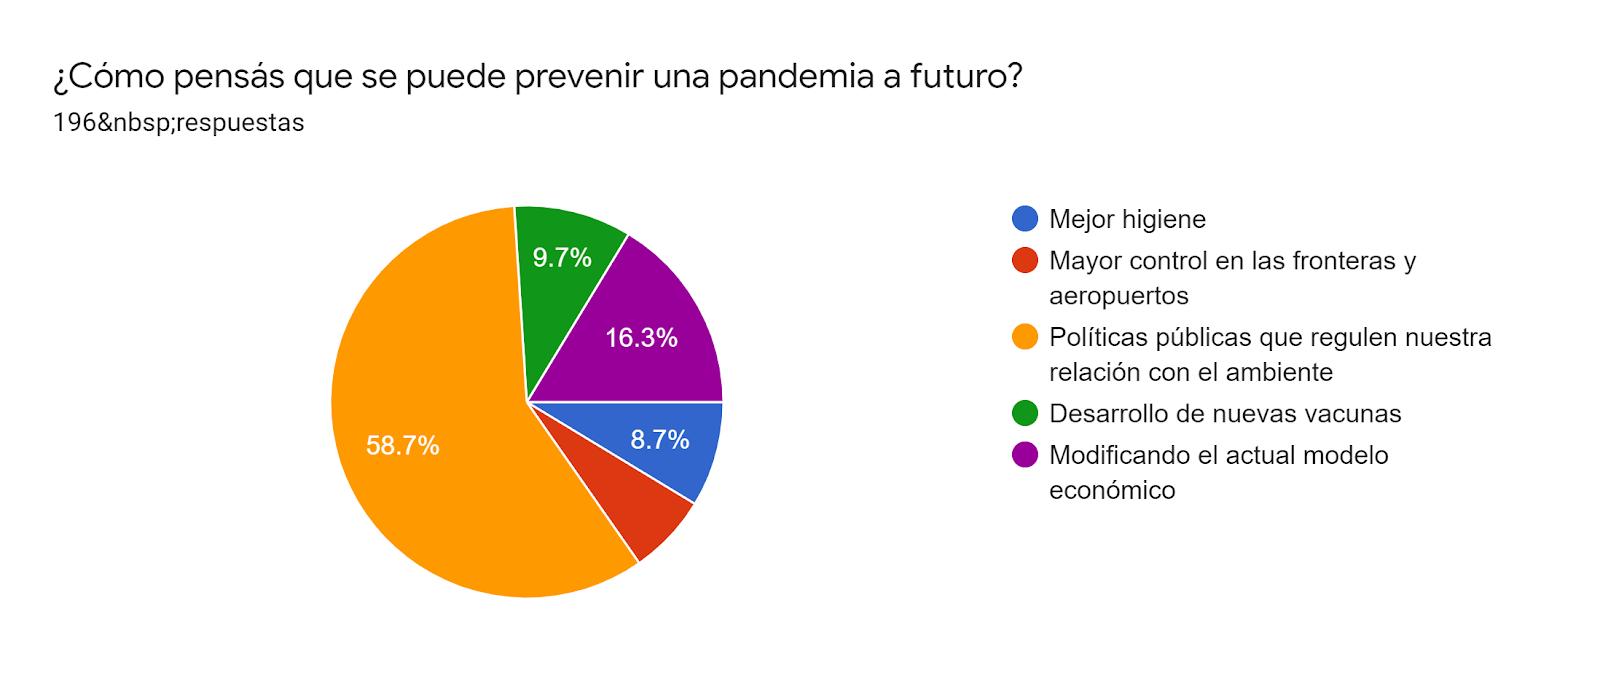 Gráfico de las respuestas de Formularios. Título de la pregunta: ¿Cómo pensás que se puede prevenir una pandemia a futuro? . Número de respuestas: 196respuestas.